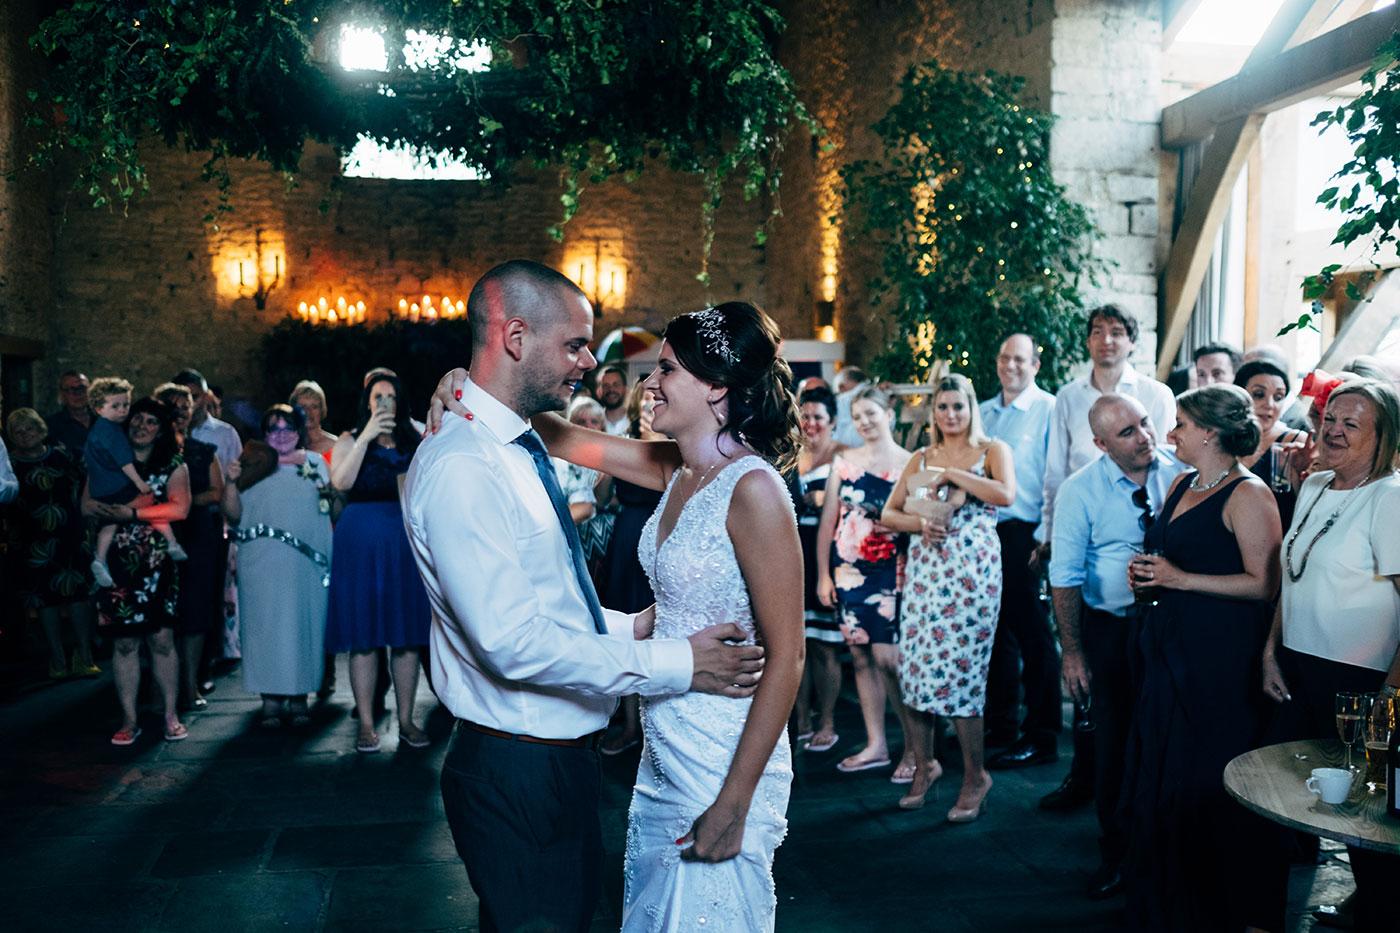 Cripps Barn Wedding Venue